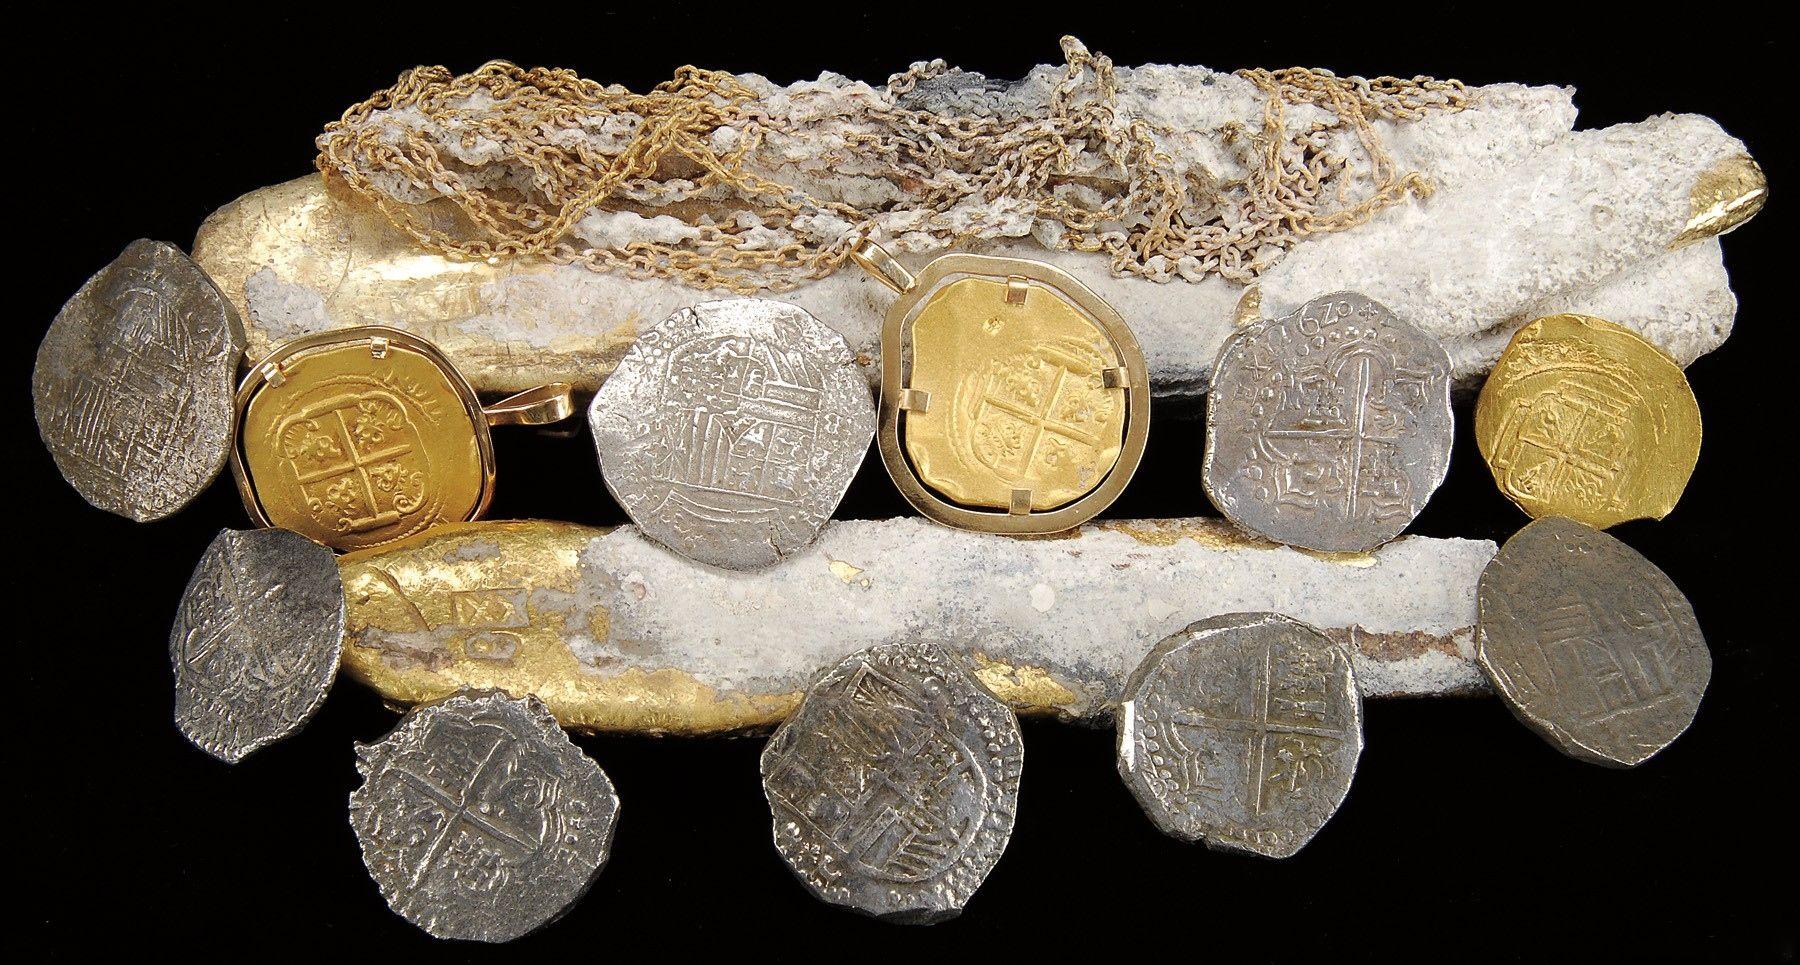 Lingotes Y Cadenas De Oro Monedas De Oro Y Plata Recuperados Del Lugar Del Naufragio Por Un Huracán Cayos De Florida Unique Antiques Treasures Ceramic Art